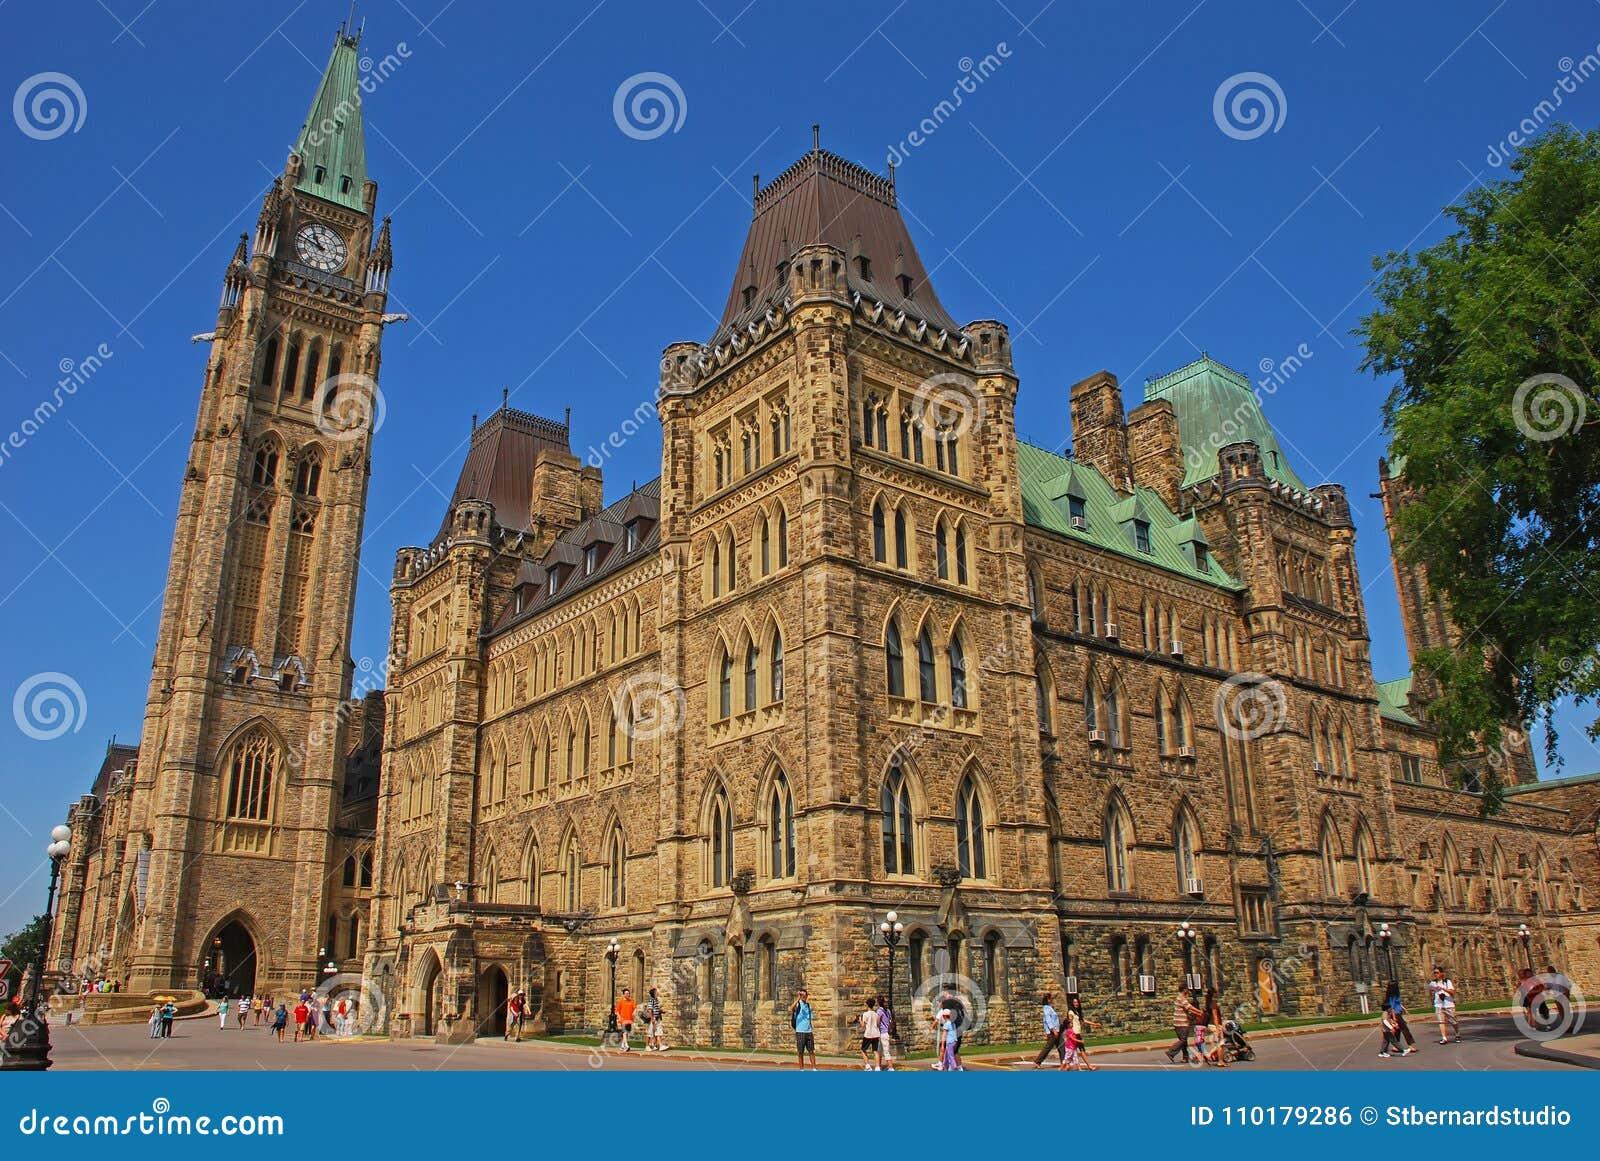 Dit is Centrumblok dat het hoofdgebouw van Canadese parlementaire complex op het Parlement Heuvel, Ottawa, Ontario, Canada is